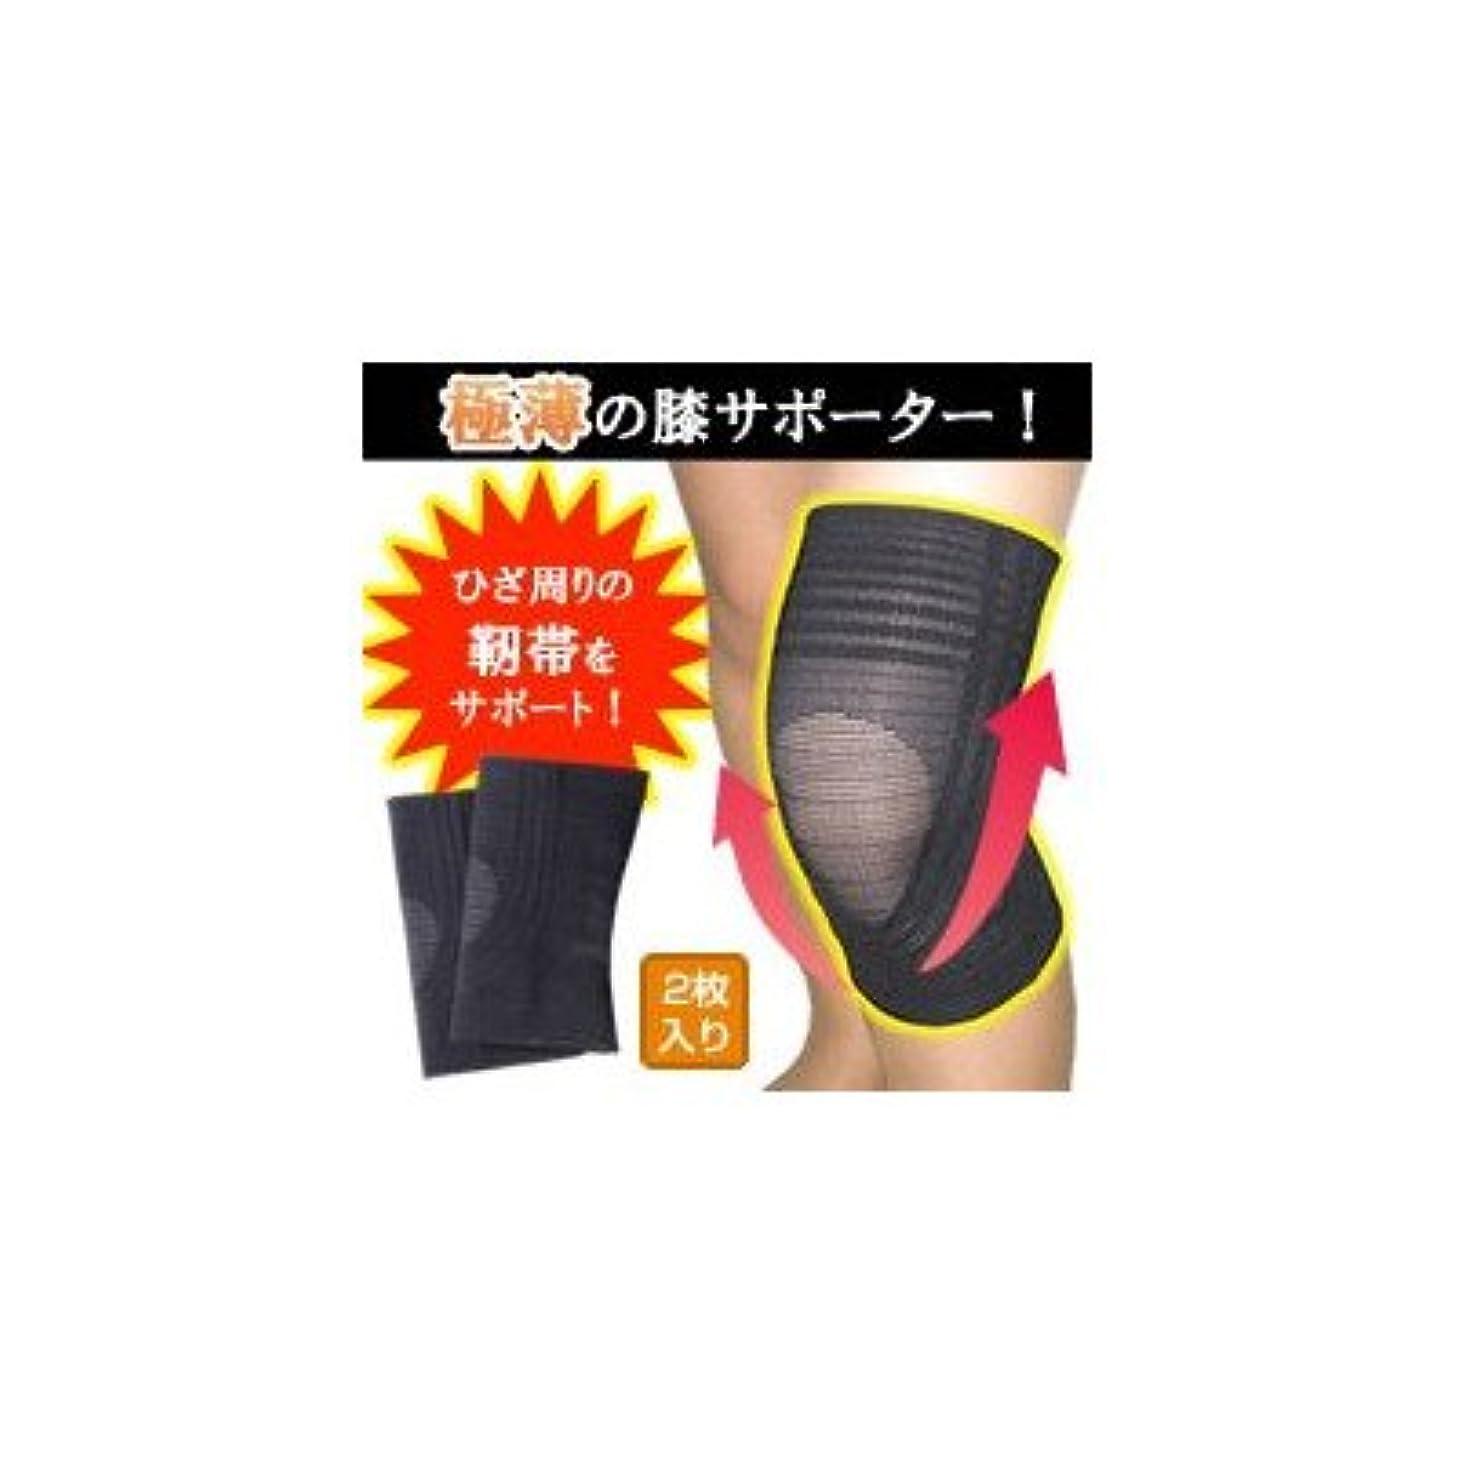 カナダビーム上げる縁の下の膝靭帯サポーター M( 画像はイメージ画像です お届けの商品はMのみとなります)